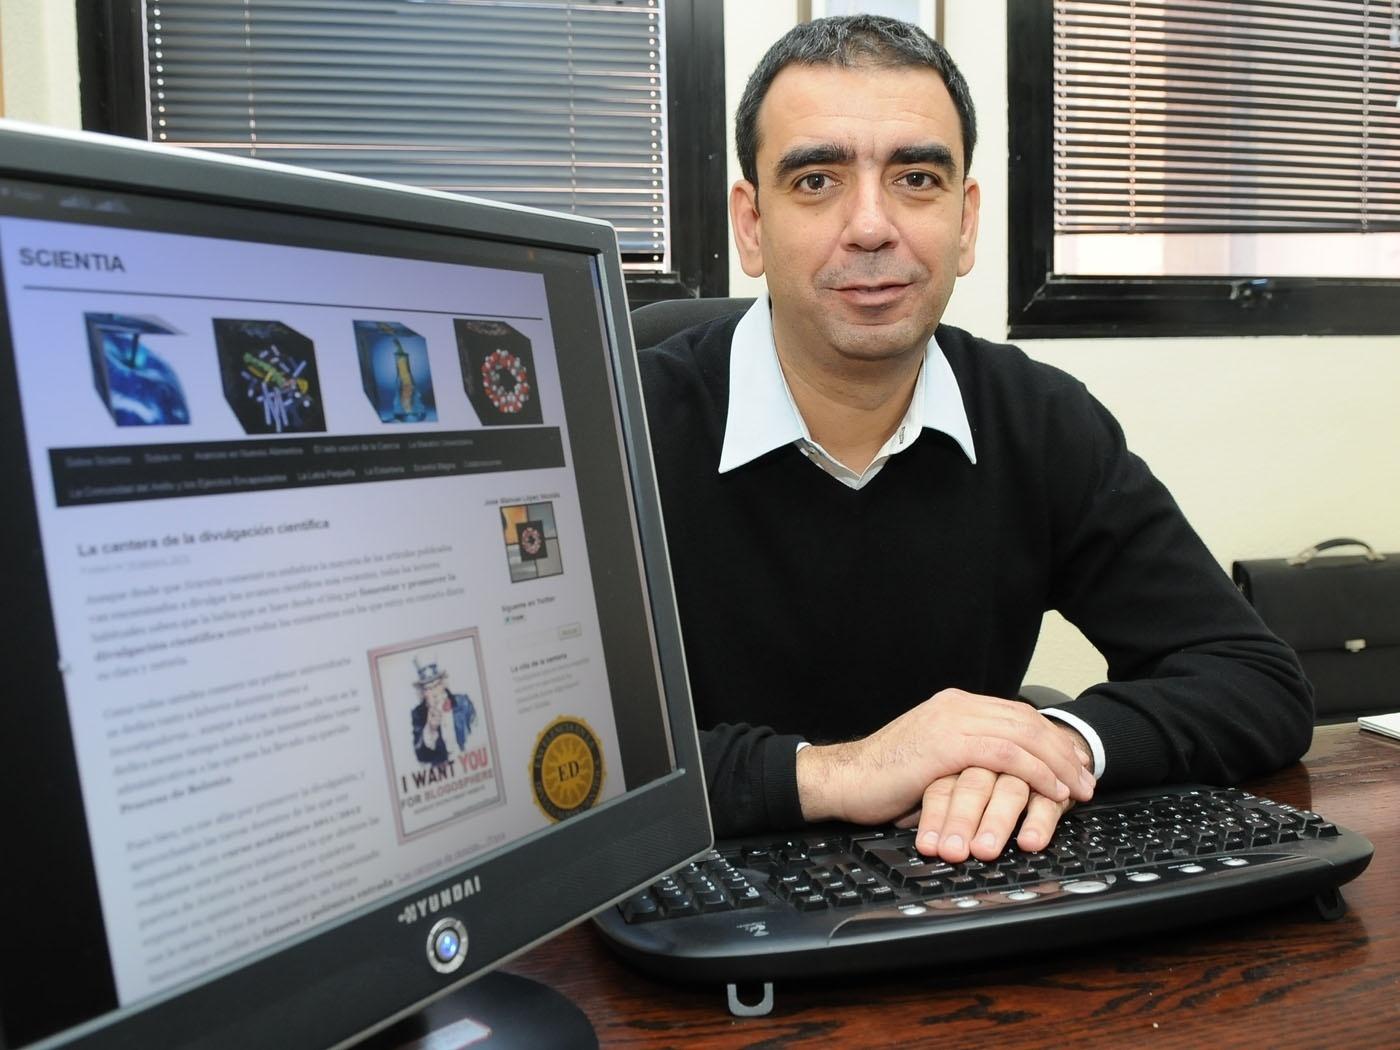 El profesor de la Universidad de Murcia José Manuel López Nicolás encabeza el ranking internacional de blogs de Biología